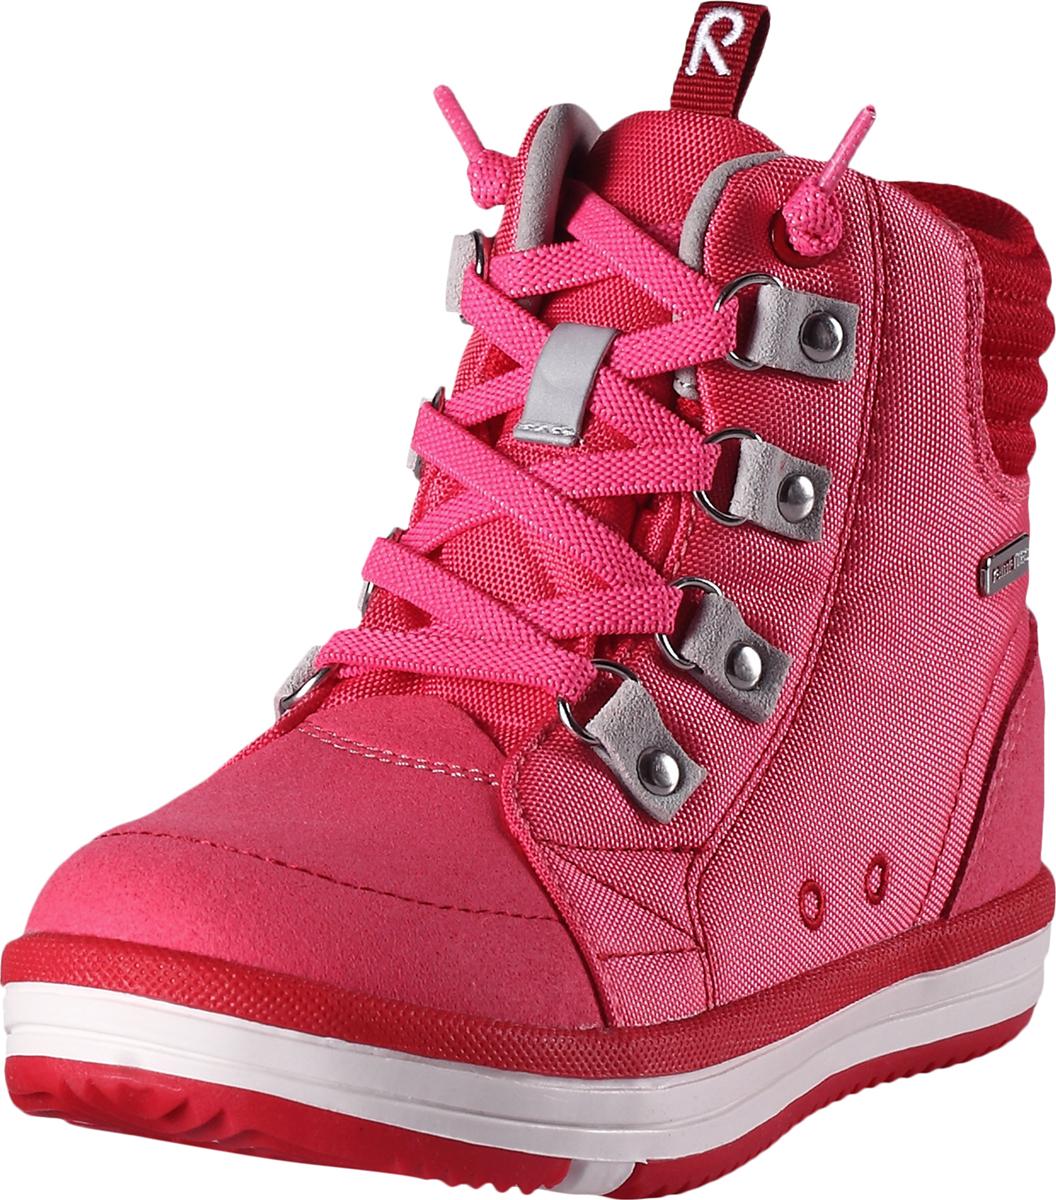 Ботинки5693030410Водонепроницаемые ботинки Reimatec снабжены водонепроницаемой вставкой с запаянными швами и текстильной подкладкой. Верх сделан из износостойкого нейлона, а носок и задник усилены микрофиброй. Благодаря эластичным шнуркам, надевать боинки Wetter быстро и легко. Обувь снабжена уникальными съемными стельками Reima с принтом Happy Fit, которые помогают правильно определить размер. На подошве также нанесены линии, которые показывают фактический размер модели. Светоотражающие детали и новые жизнерадостные цвета отлично сочетаются с верхней одеждой и аксессуарами Reima. Ботинки пригодны для машинной стирки при 30°C.